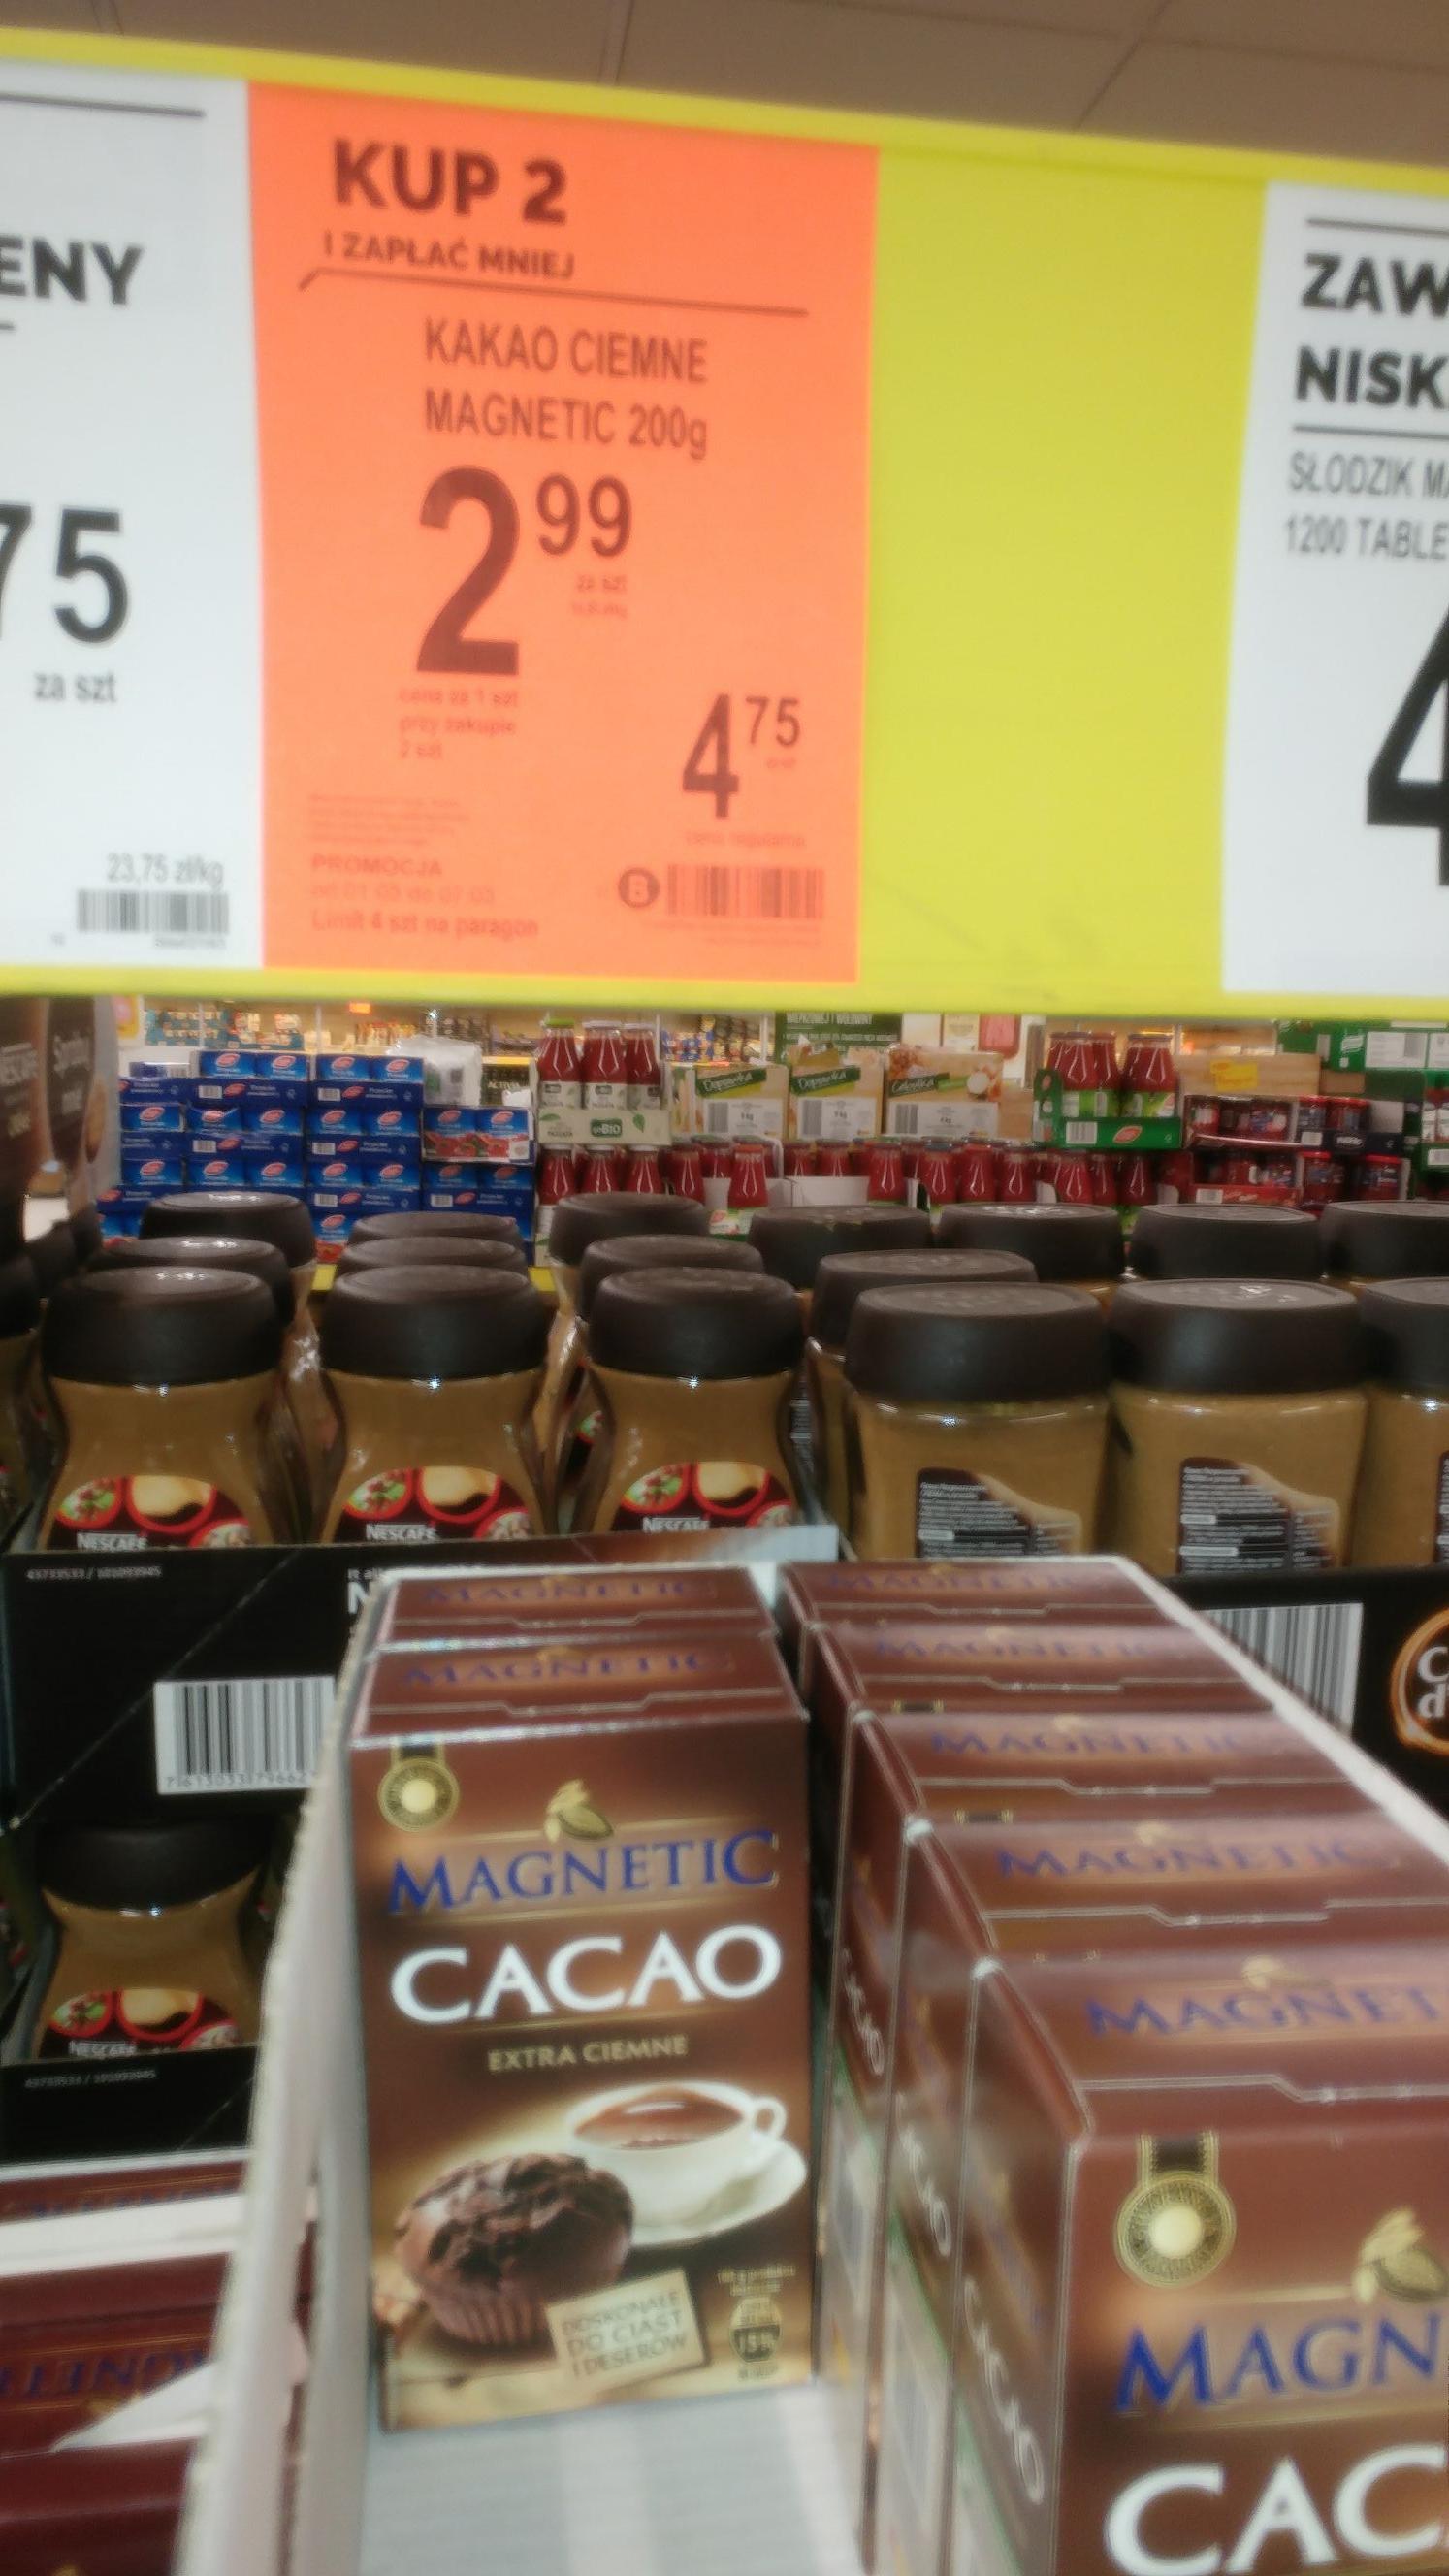 Ciemne kakao Magnetic 200g, kup 2 i skorzystaj z promocji.